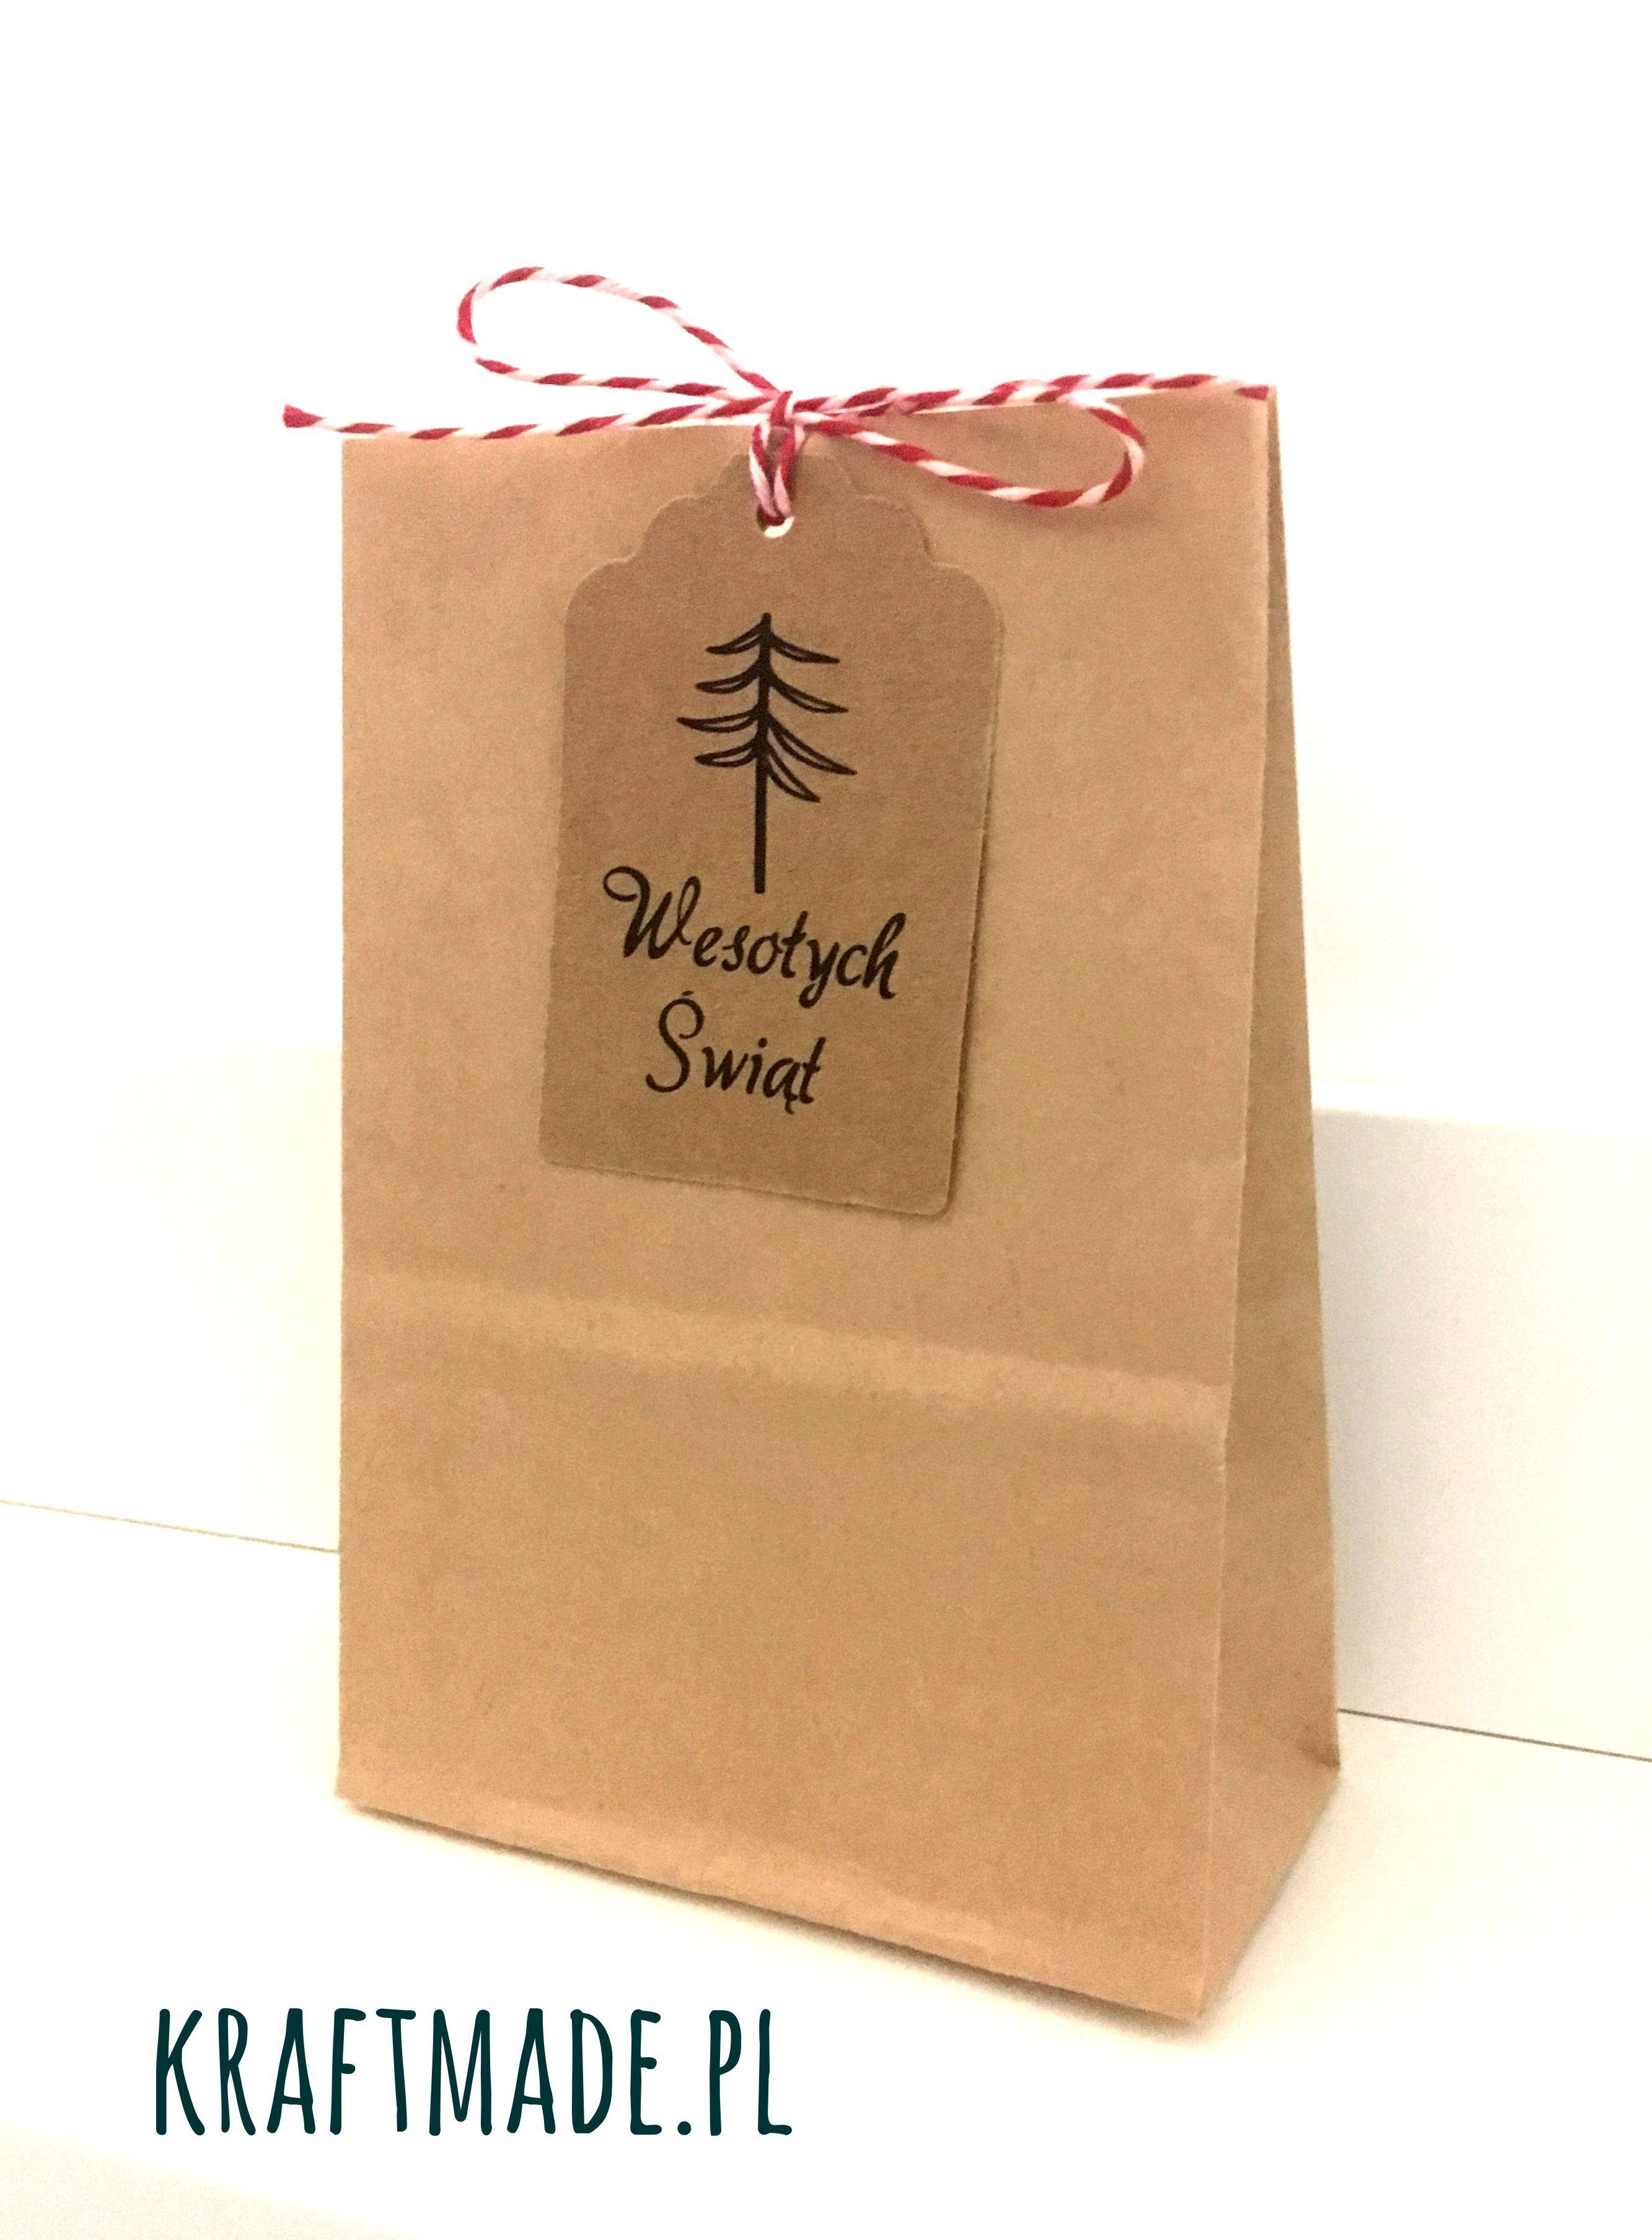 Torebka Papierowa 11 5x8x4 Cm Swiateczna Torebki Christmas Bags Kraft Z Zawieszka Kraft Paper Packaging Kraft Packaging Christmas Packaging